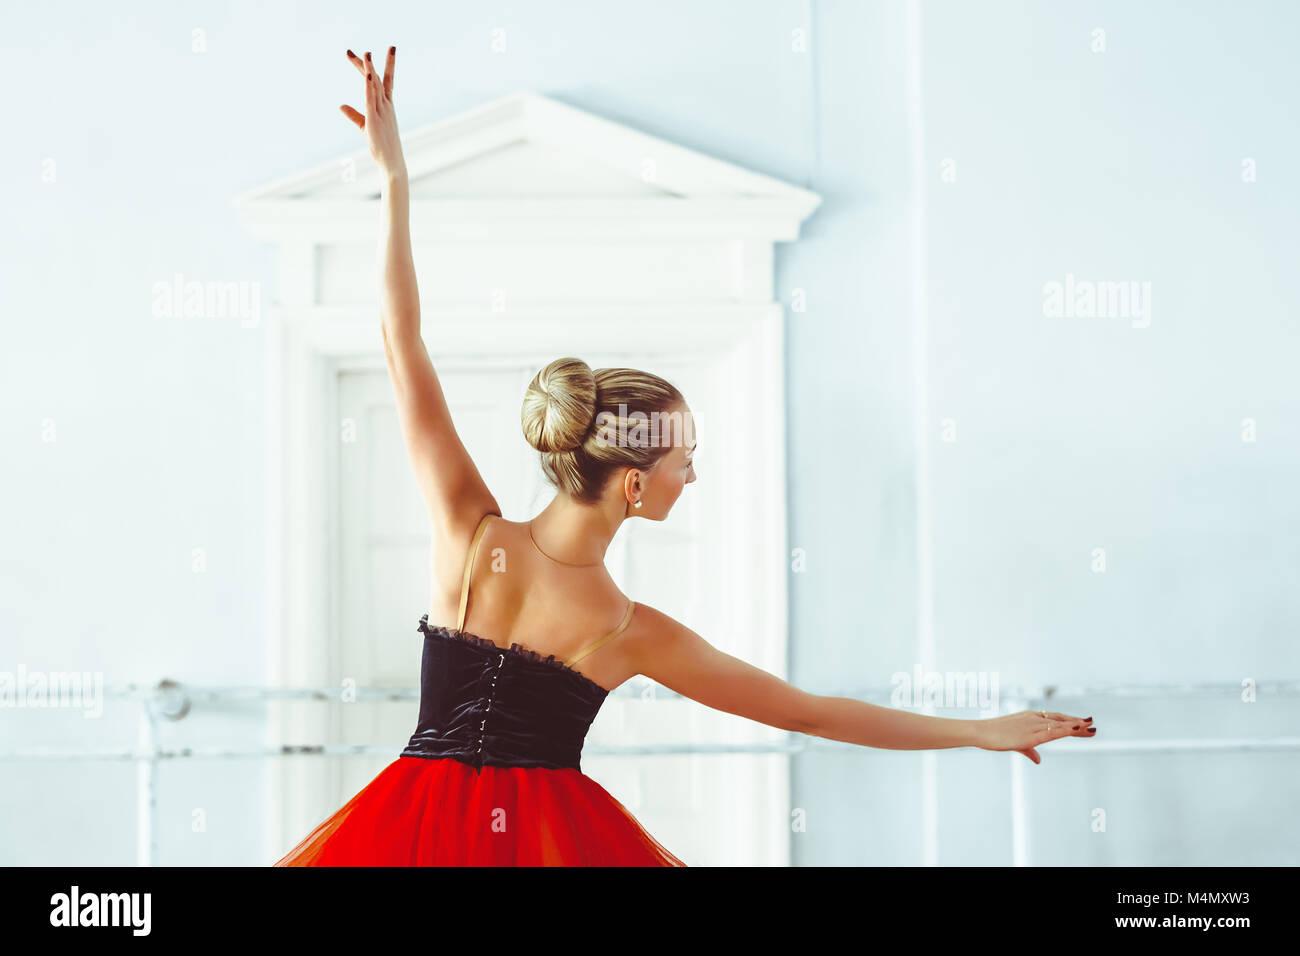 Bailarina en el ballet hall Imagen De Stock